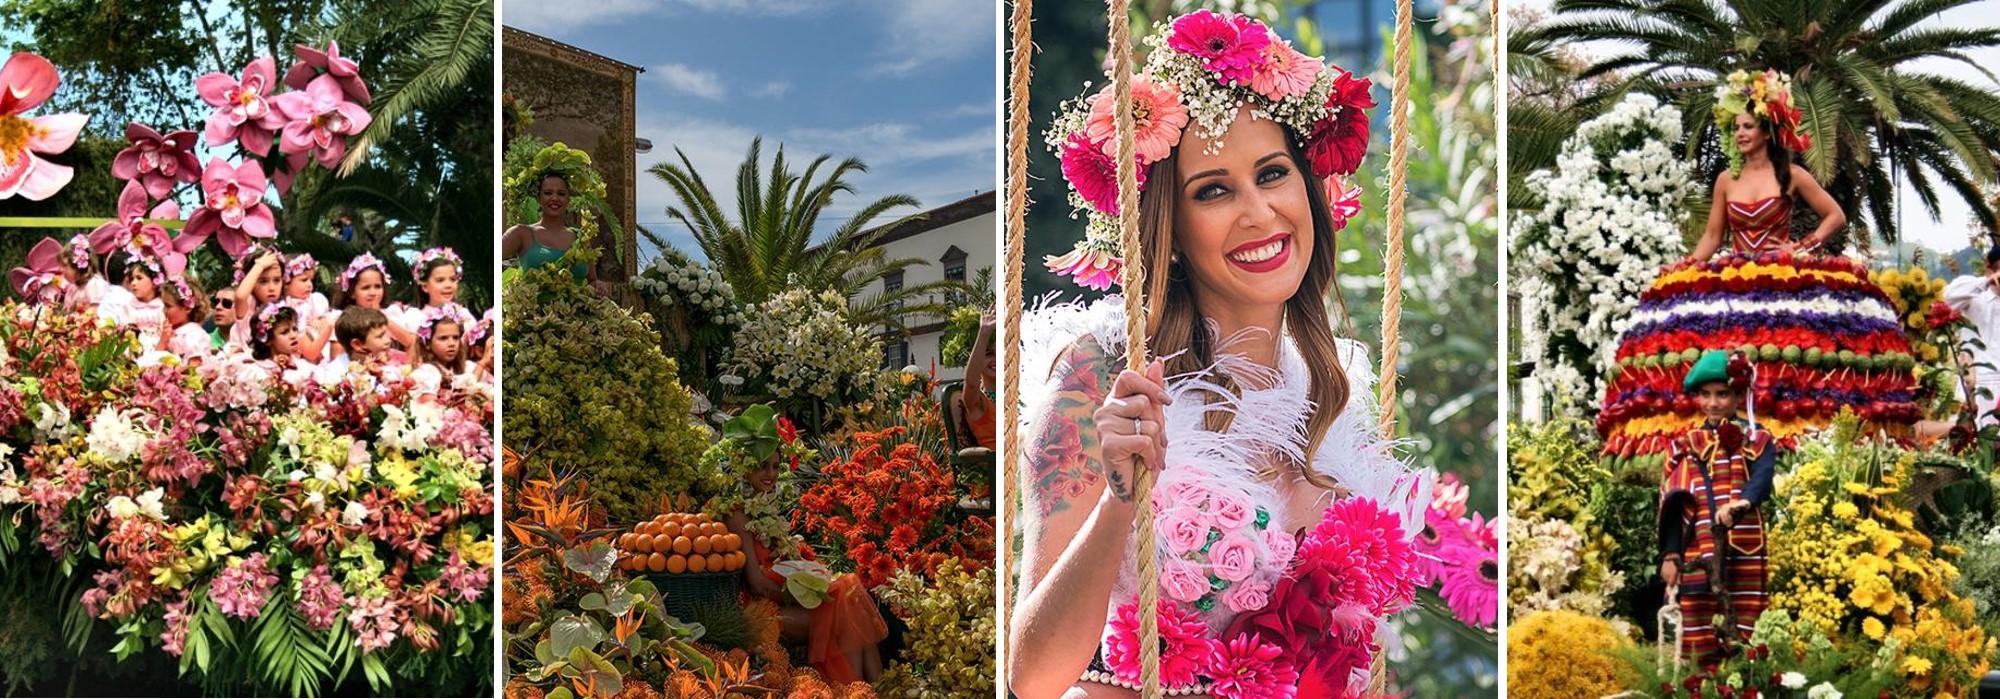 Madeira Flower Festival Festa do Flor Funchal Portugal